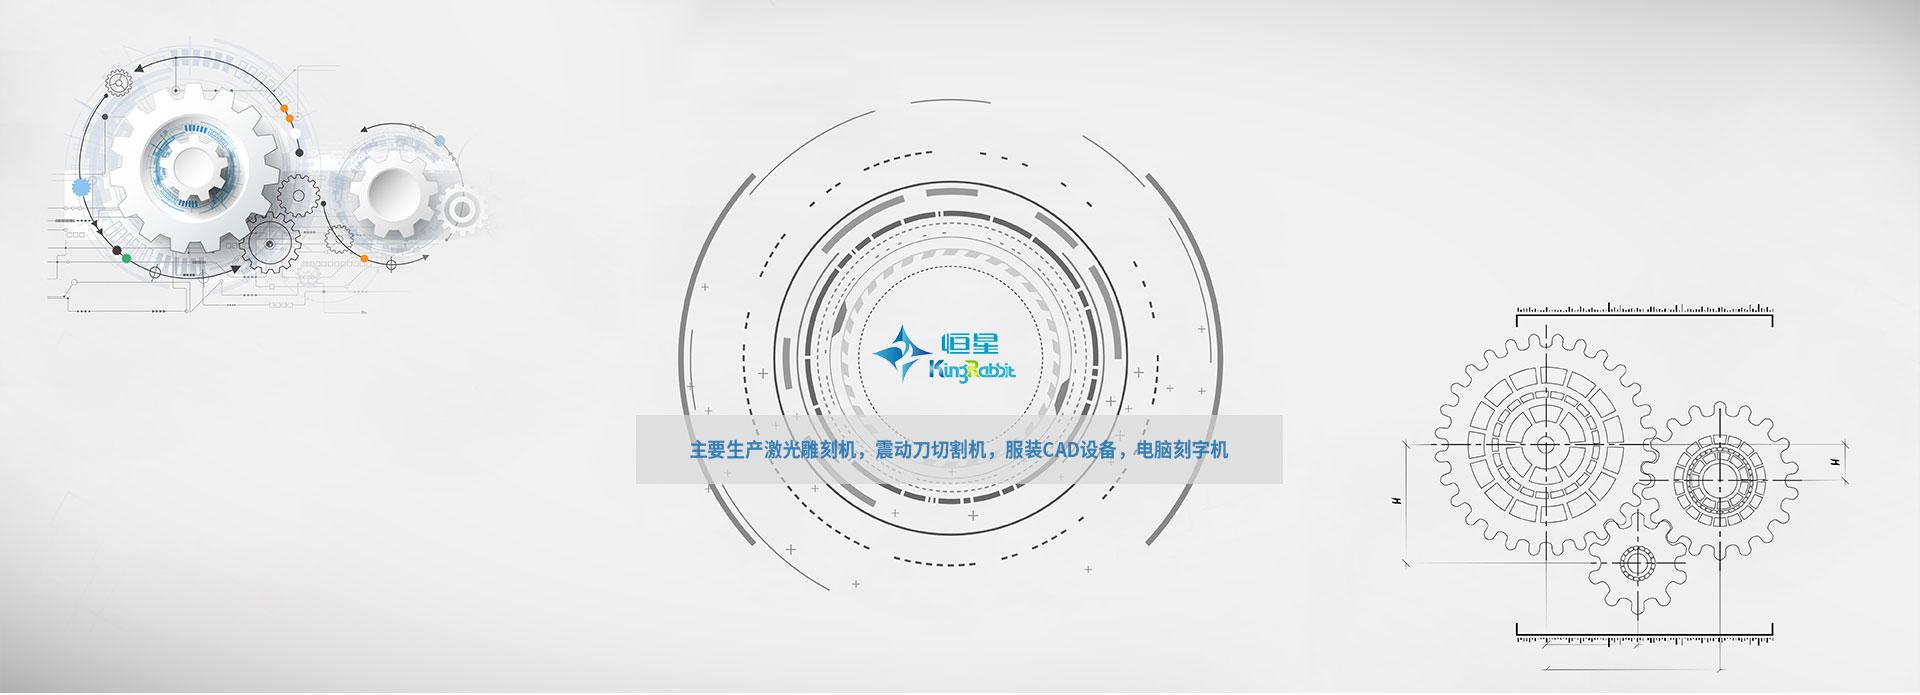 濟南恒星電腦設備制造有限公司